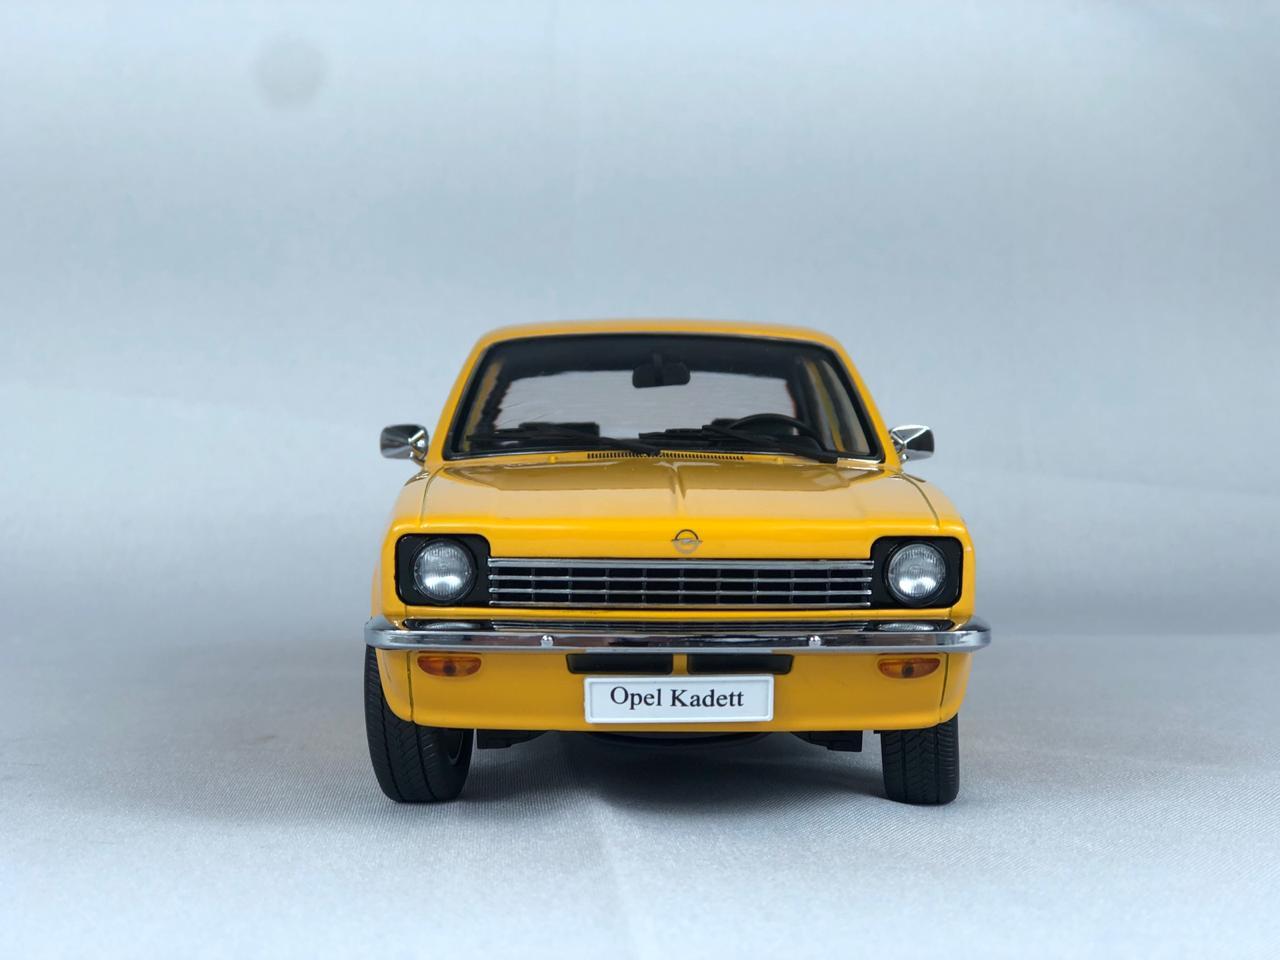 Miniatura Chevette Opel Kadett Laranja 1/18 KK Scale